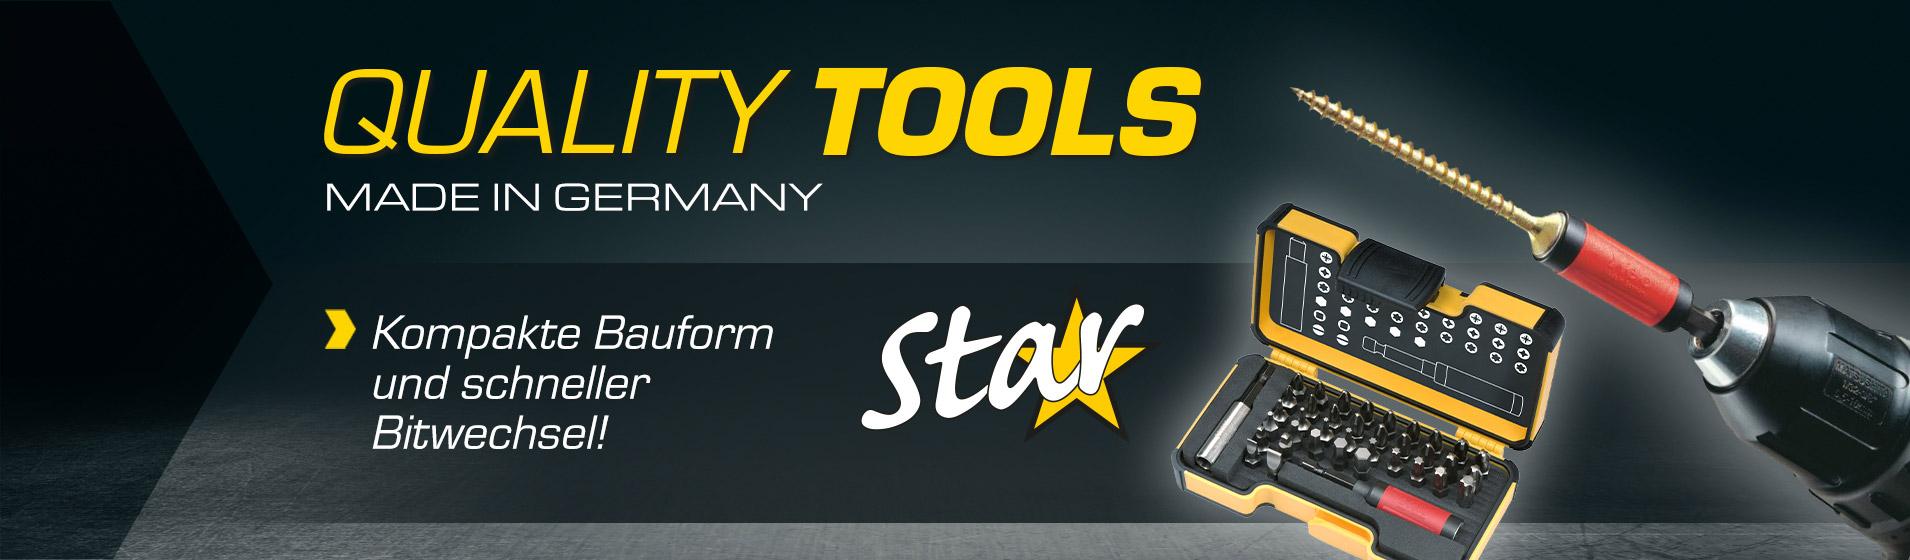 [Translate to RO:] FELO STAR - Kompakte Bauform und schneller Bitwechsel